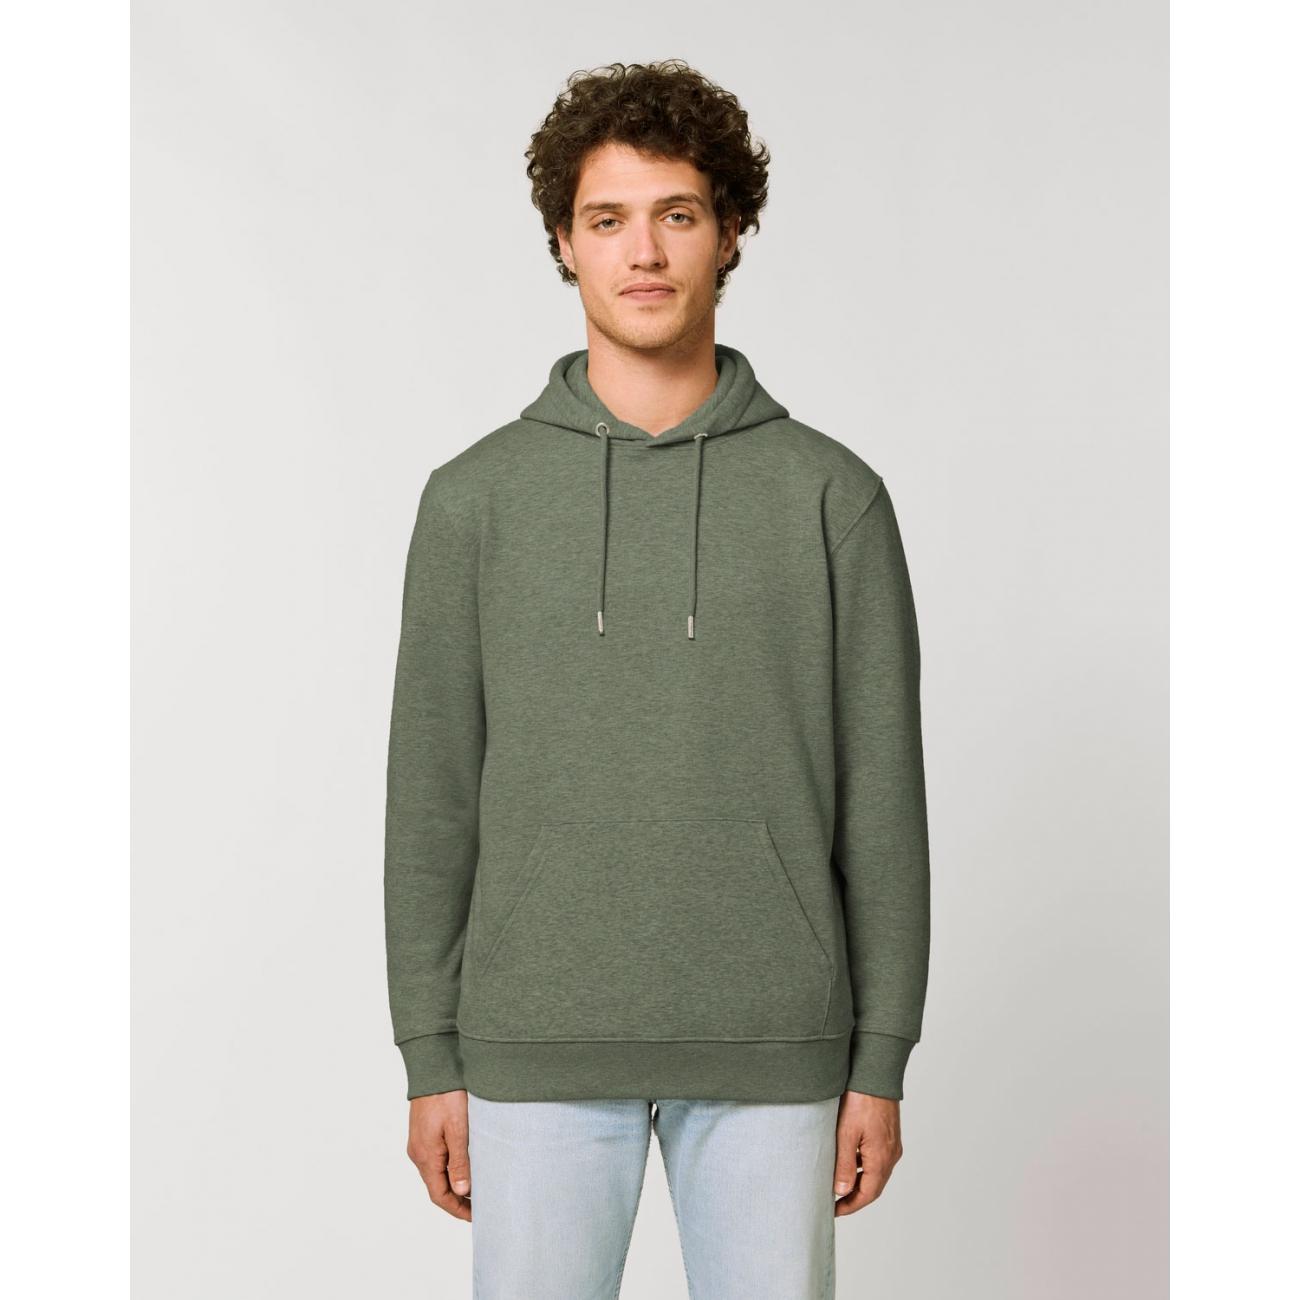 https://tee-shirt-bio.com/10104-thickbox_default/sweat-shirt-homme-capuche-epais-et-interieur-doux-coton-bio-kaki-chine.jpg